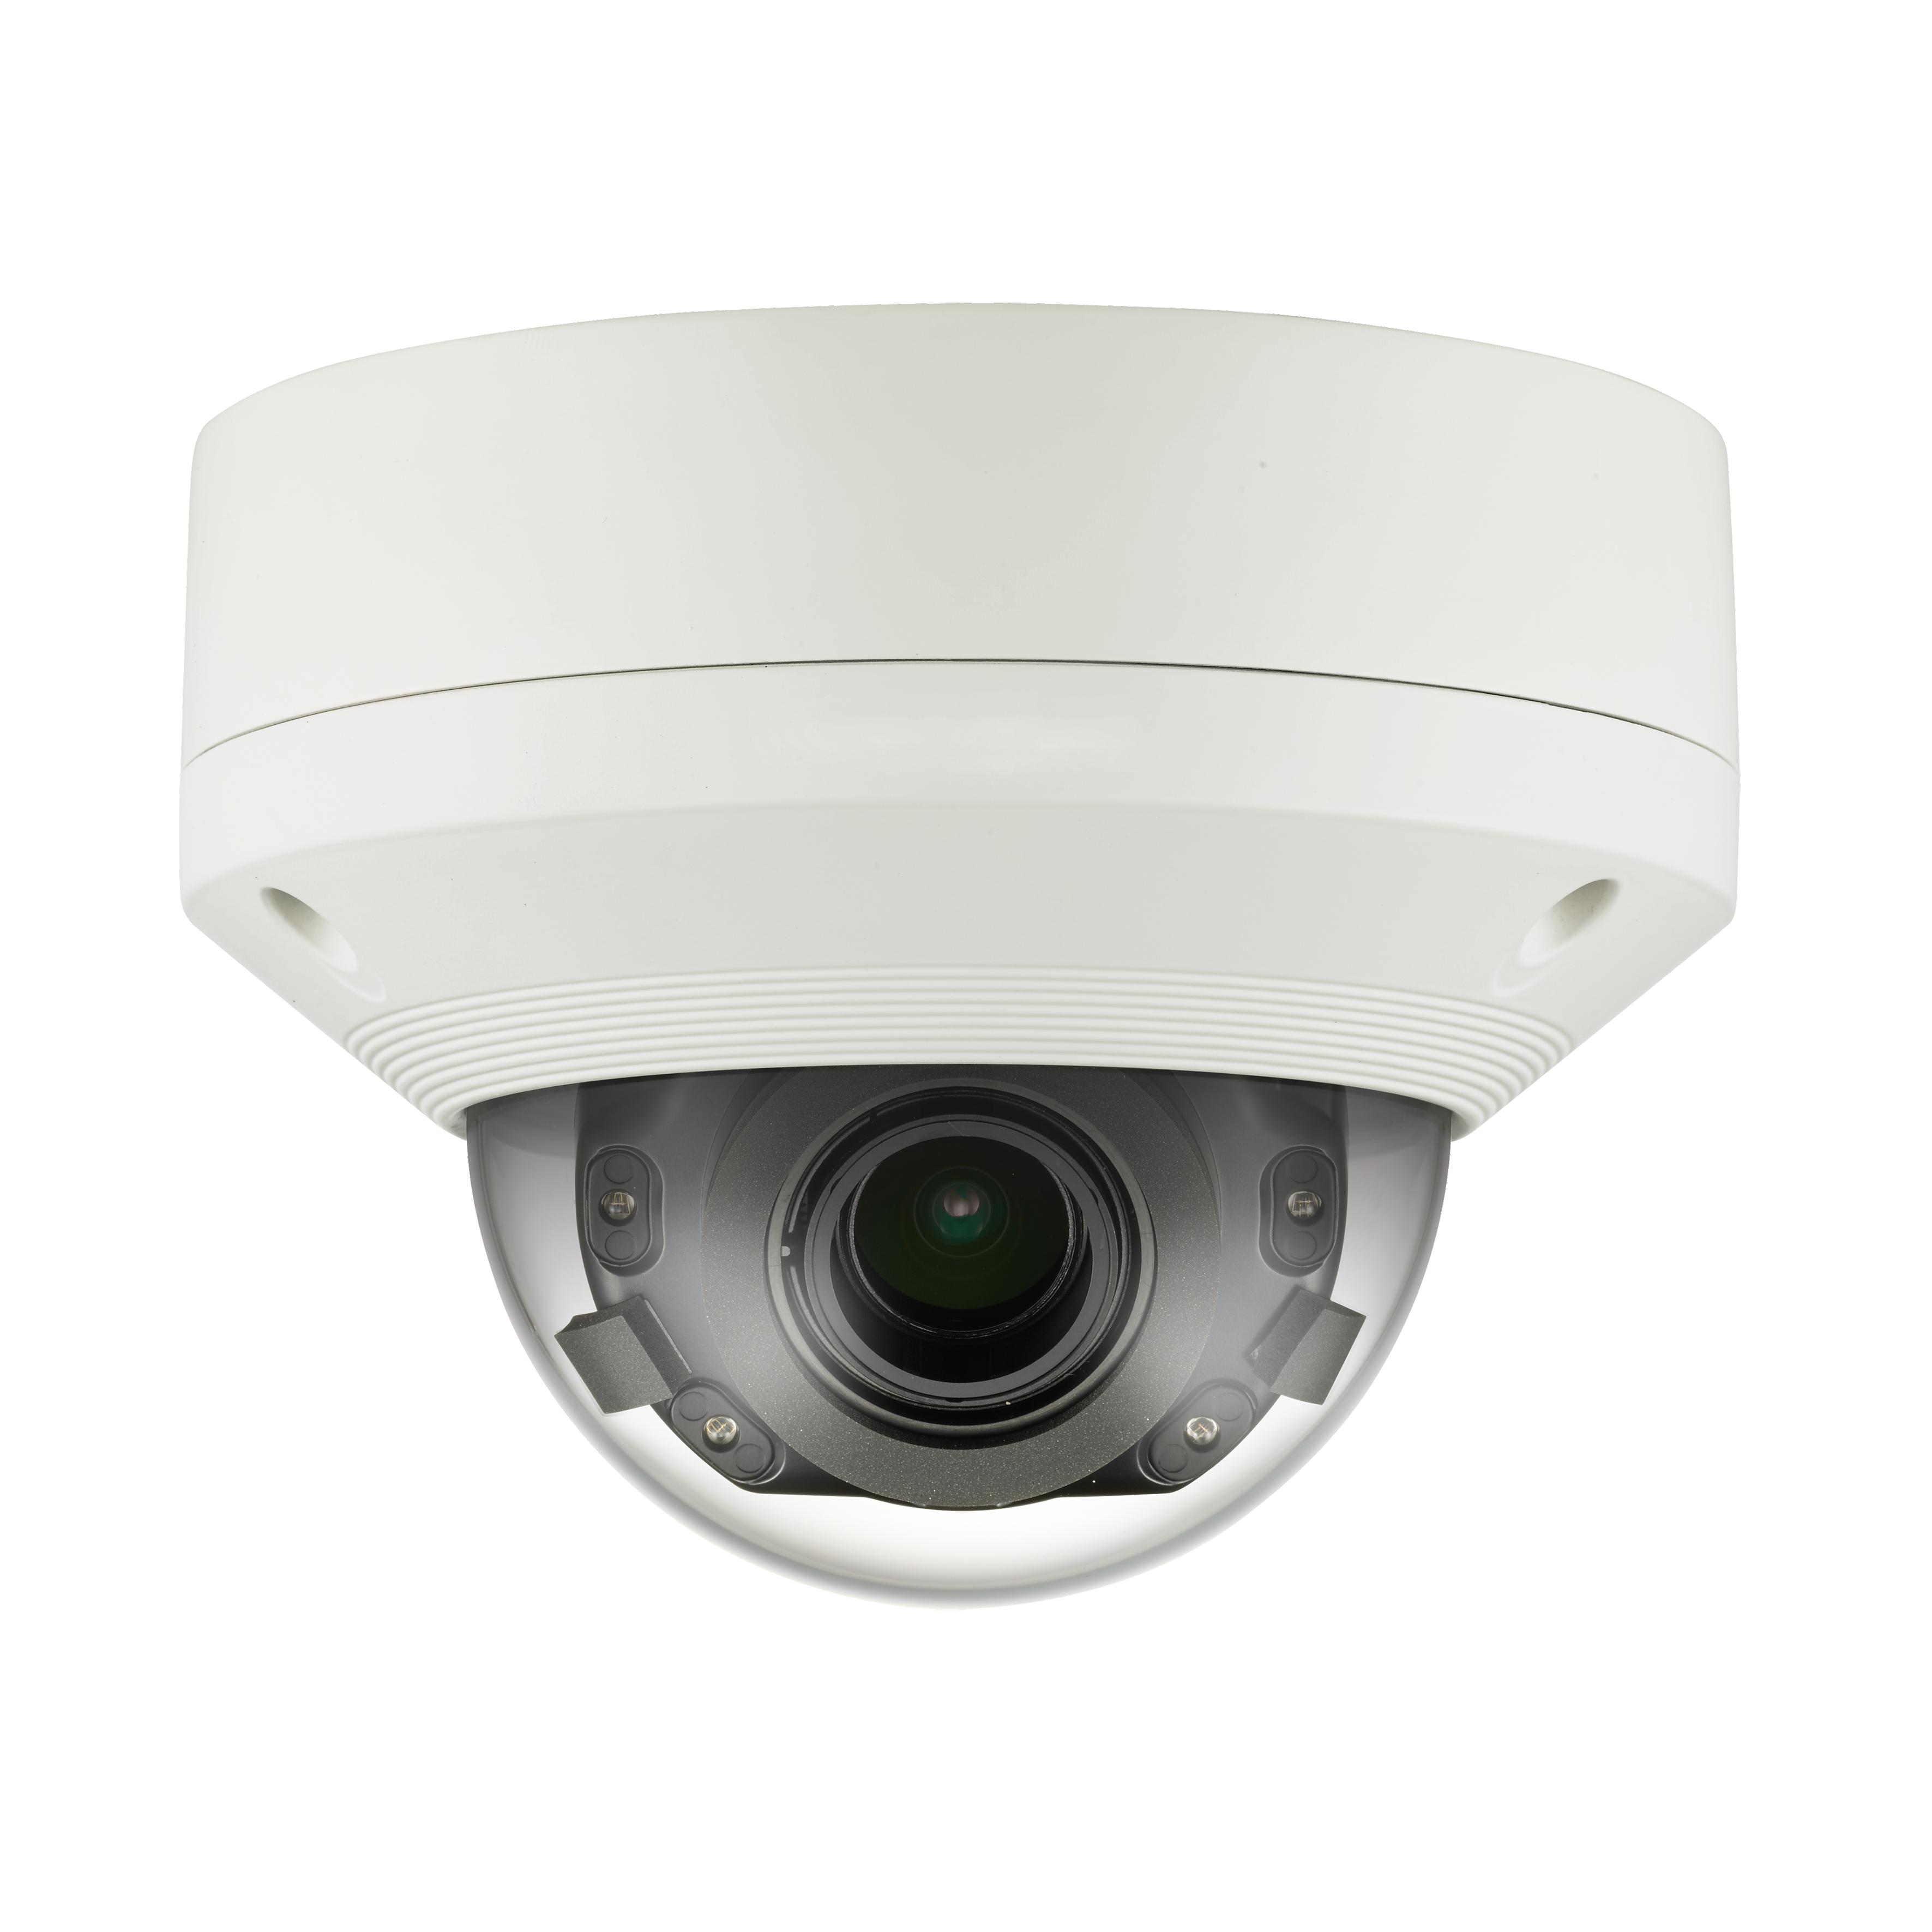 Kamera IP PTZ 12MP kopułowa wandaloodporna